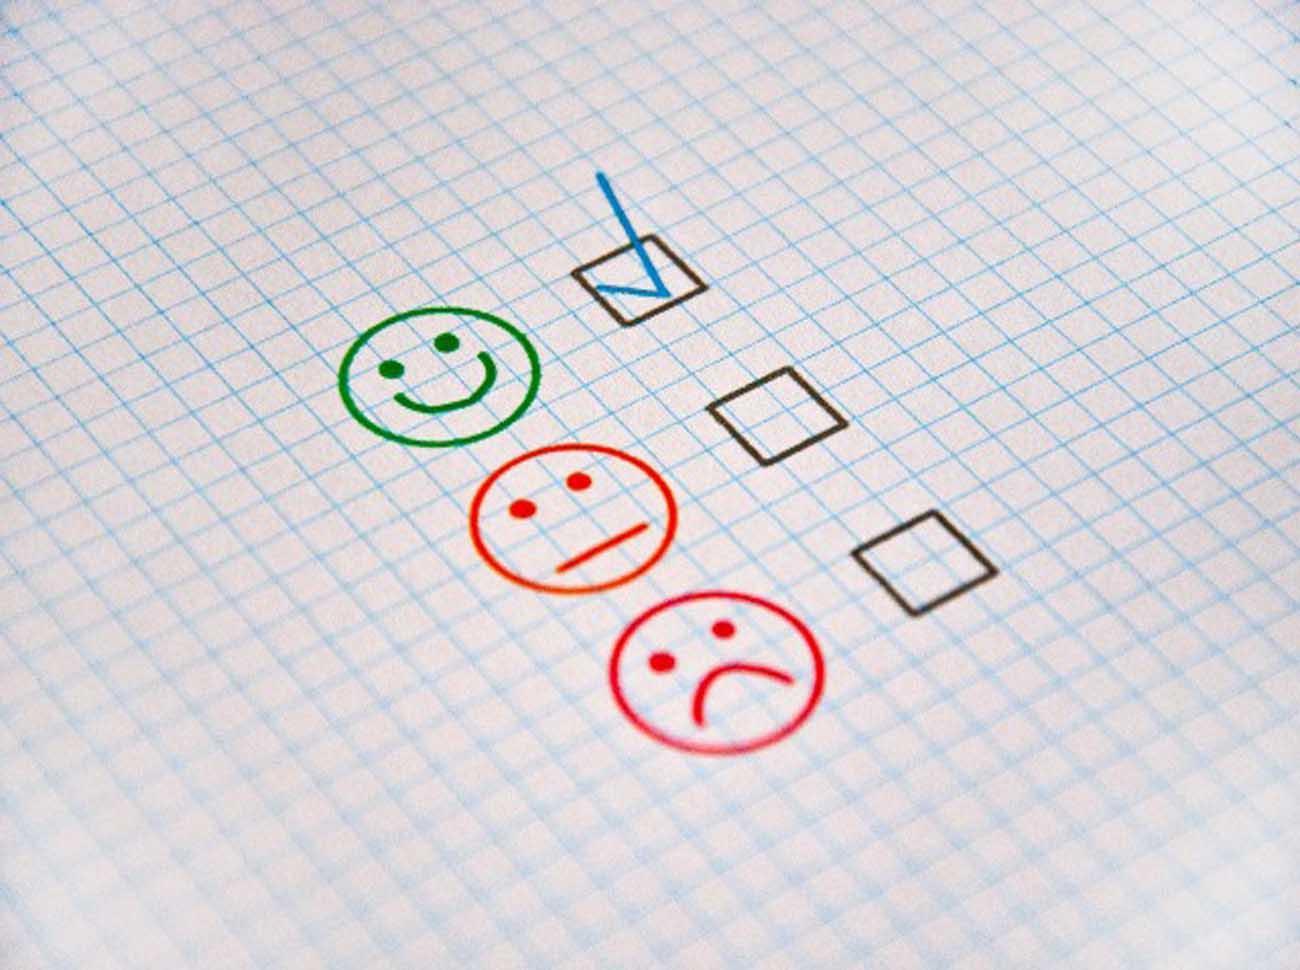 Müşteri Geri Bildirimi Neden Önemlidir?